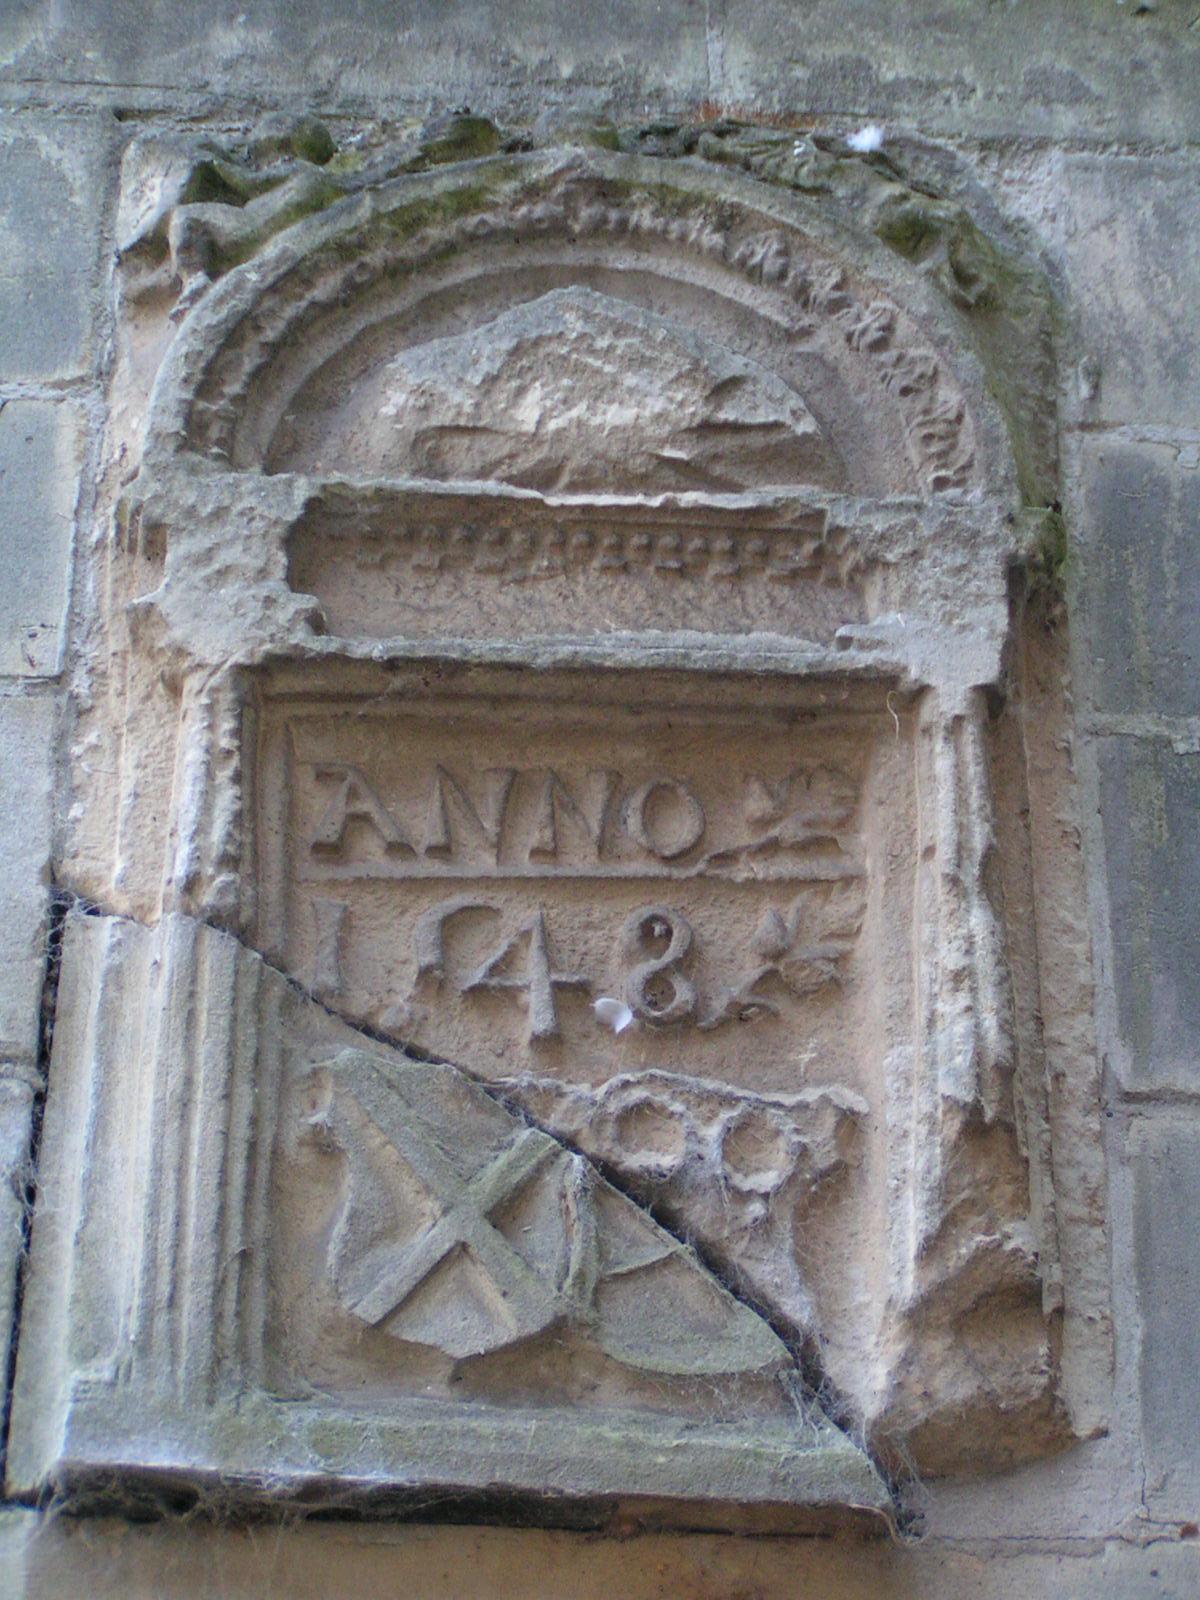 Gevelsteen met jaartal 1548. De steen is gevonden bij de reconstructie van de traptoren.